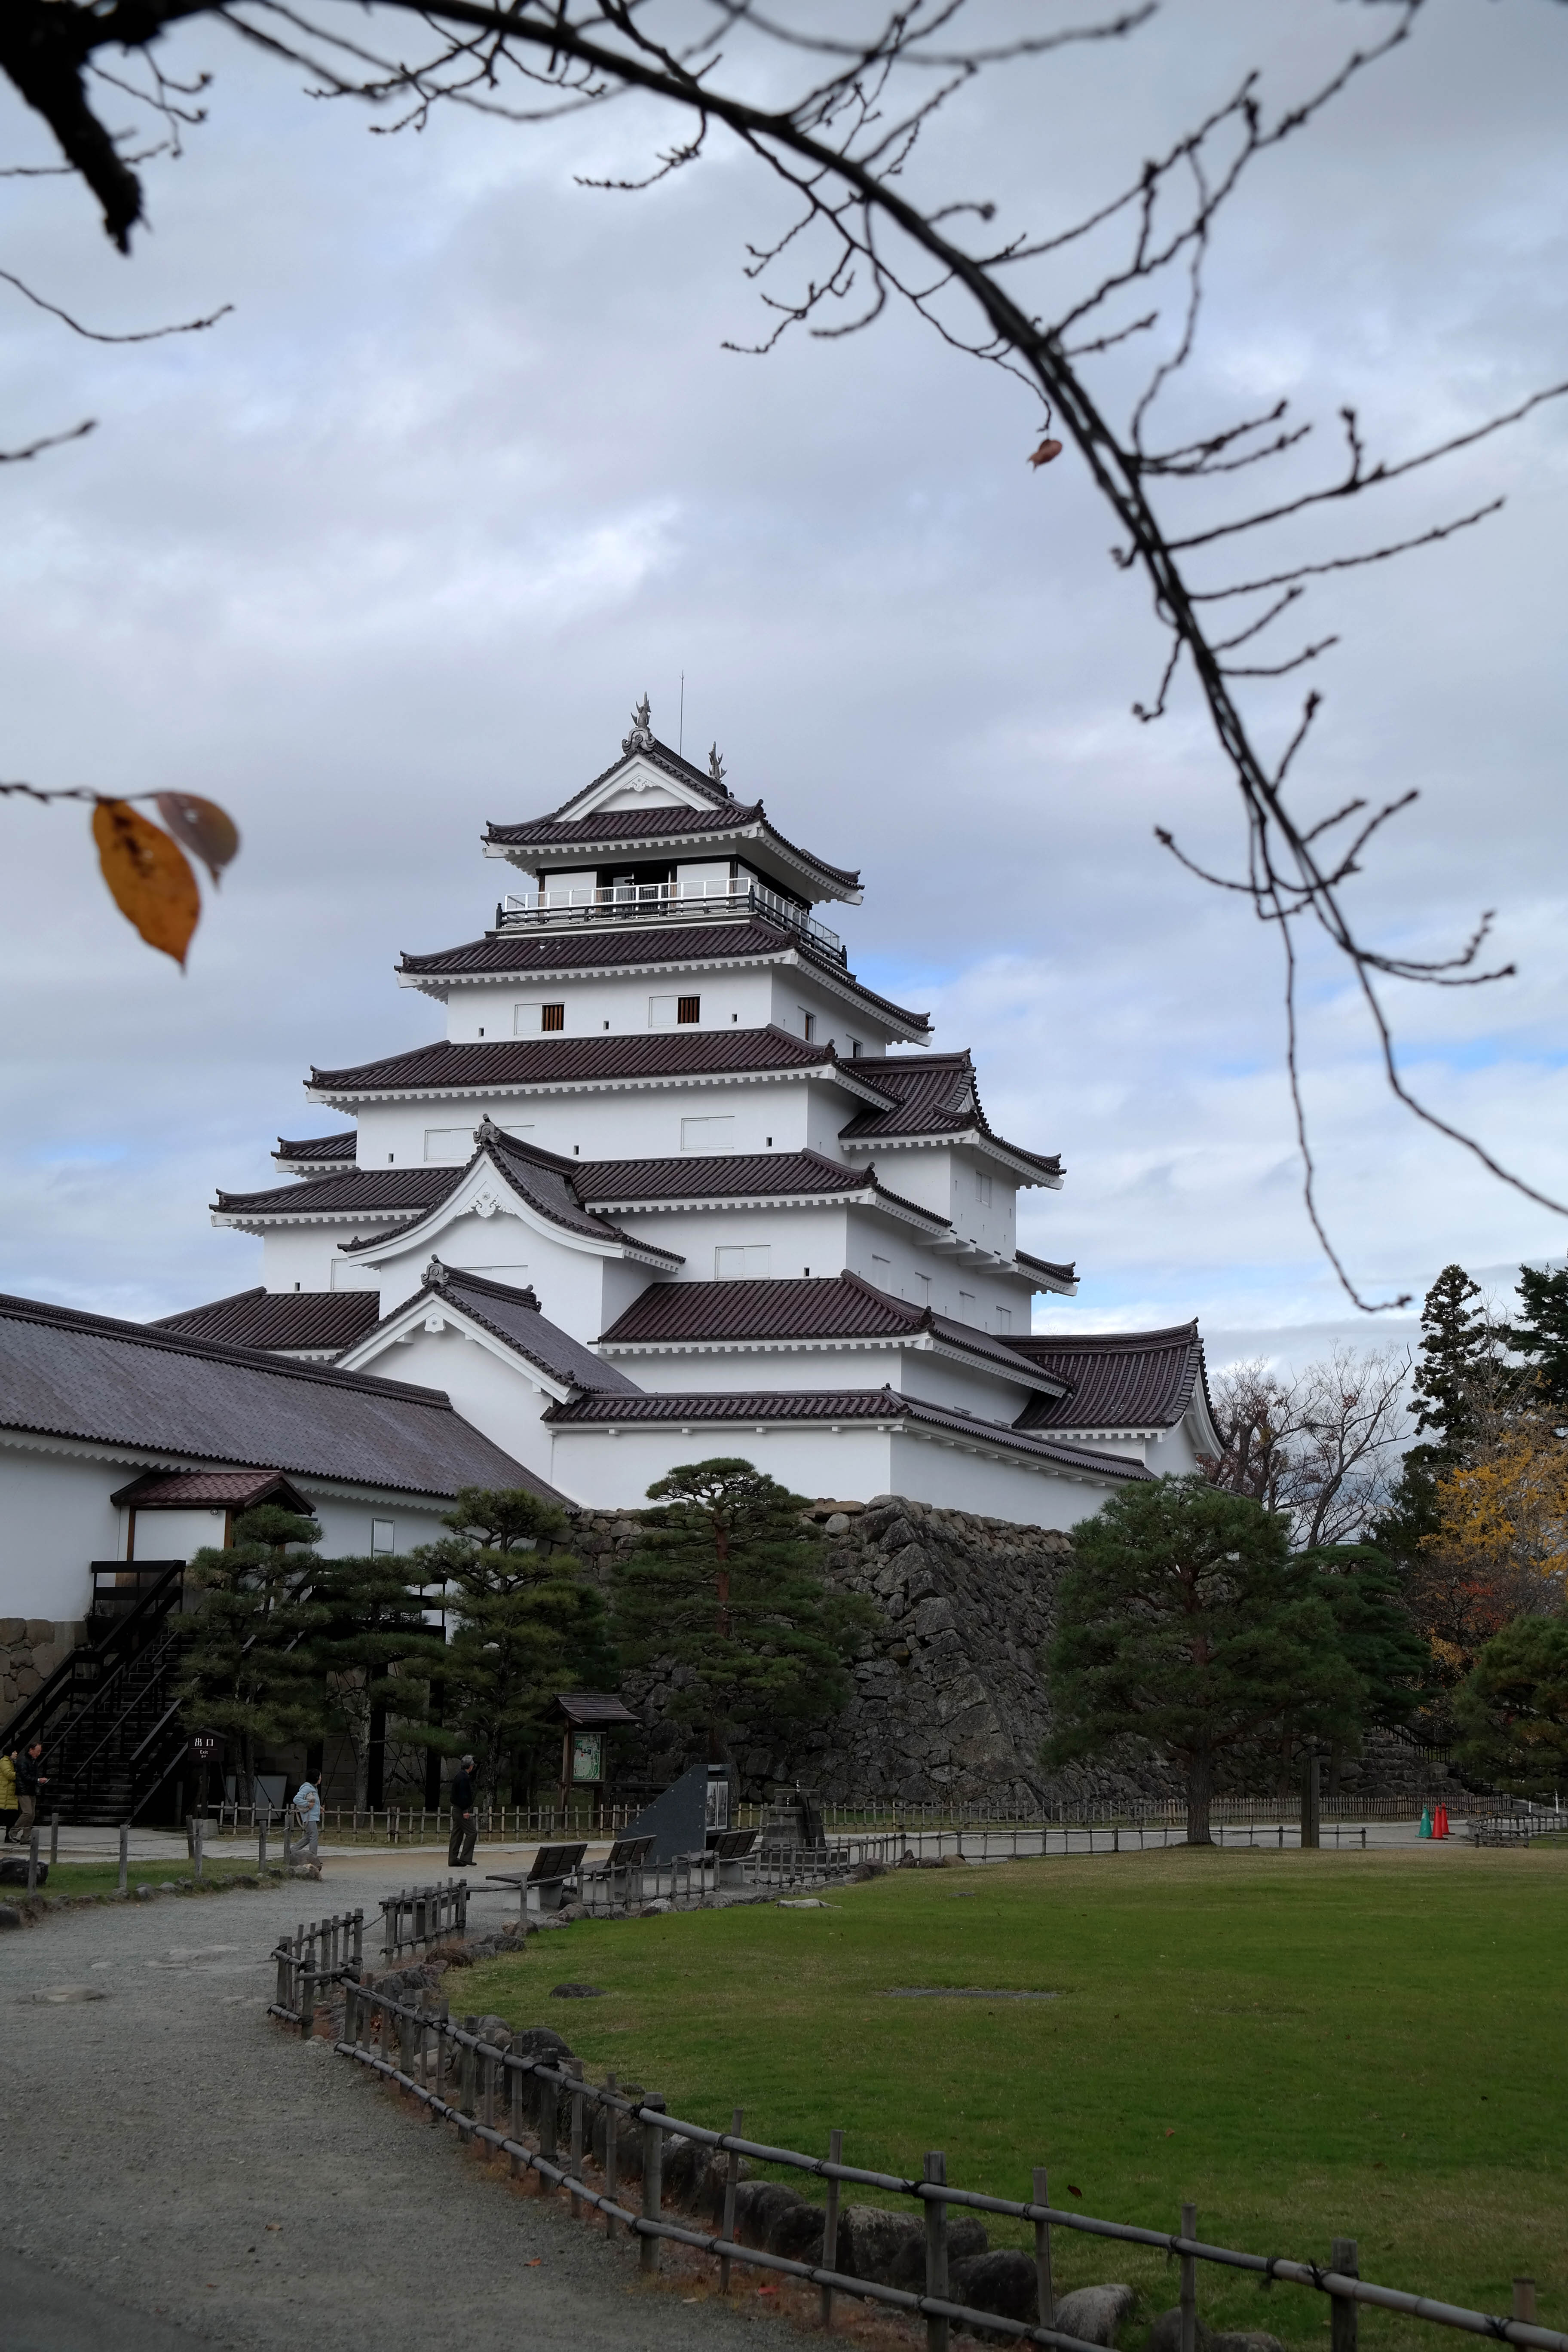 aizu castle